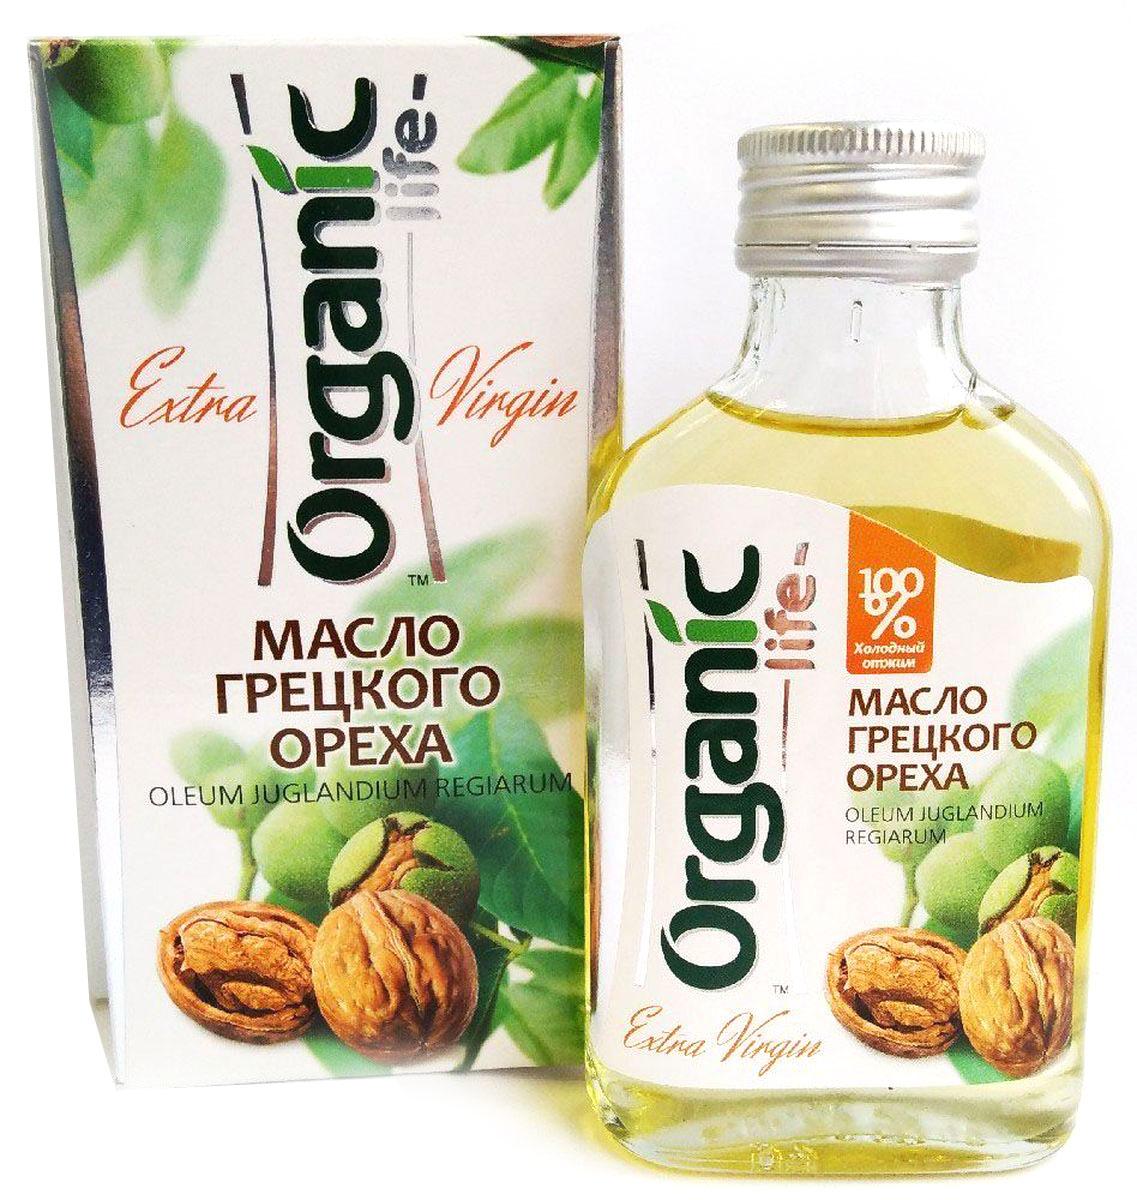 Organic Life масло грецкого ореха, 100 мл0120710Масло грецкого ореха содержит витамины: Е, В1, В6, биотин, микроэлементы, жирные кислоты, фосфолипиды, коэнзим Q10 (вещество, обладающее антиоксидантным действием, активизирующее обмен веществ в клетках). Масло грецкого ореха благотворно влияет на работу нервной и эндокринной системы, увеличивают умственную работоспособность, нормализуют сон и снимают усталость. Отличительная особенность масла грецкого ореха – сбалансированный комплекс полиненасыщенных жирных кислот Омега-6 и Омега-3 (витамин Р), их соотношение является оптимальным - 5:1. Грецкое масло обладает нежным вкусом и ароматом, подходит для любых блюд, в том числе фруктовых салатов. Способ применения: по 1 ч.л. 2-3 раза в день. Чайная ложка масла, выпитая на голодный желудок после стакана воды, помогает наладить пищеварение.